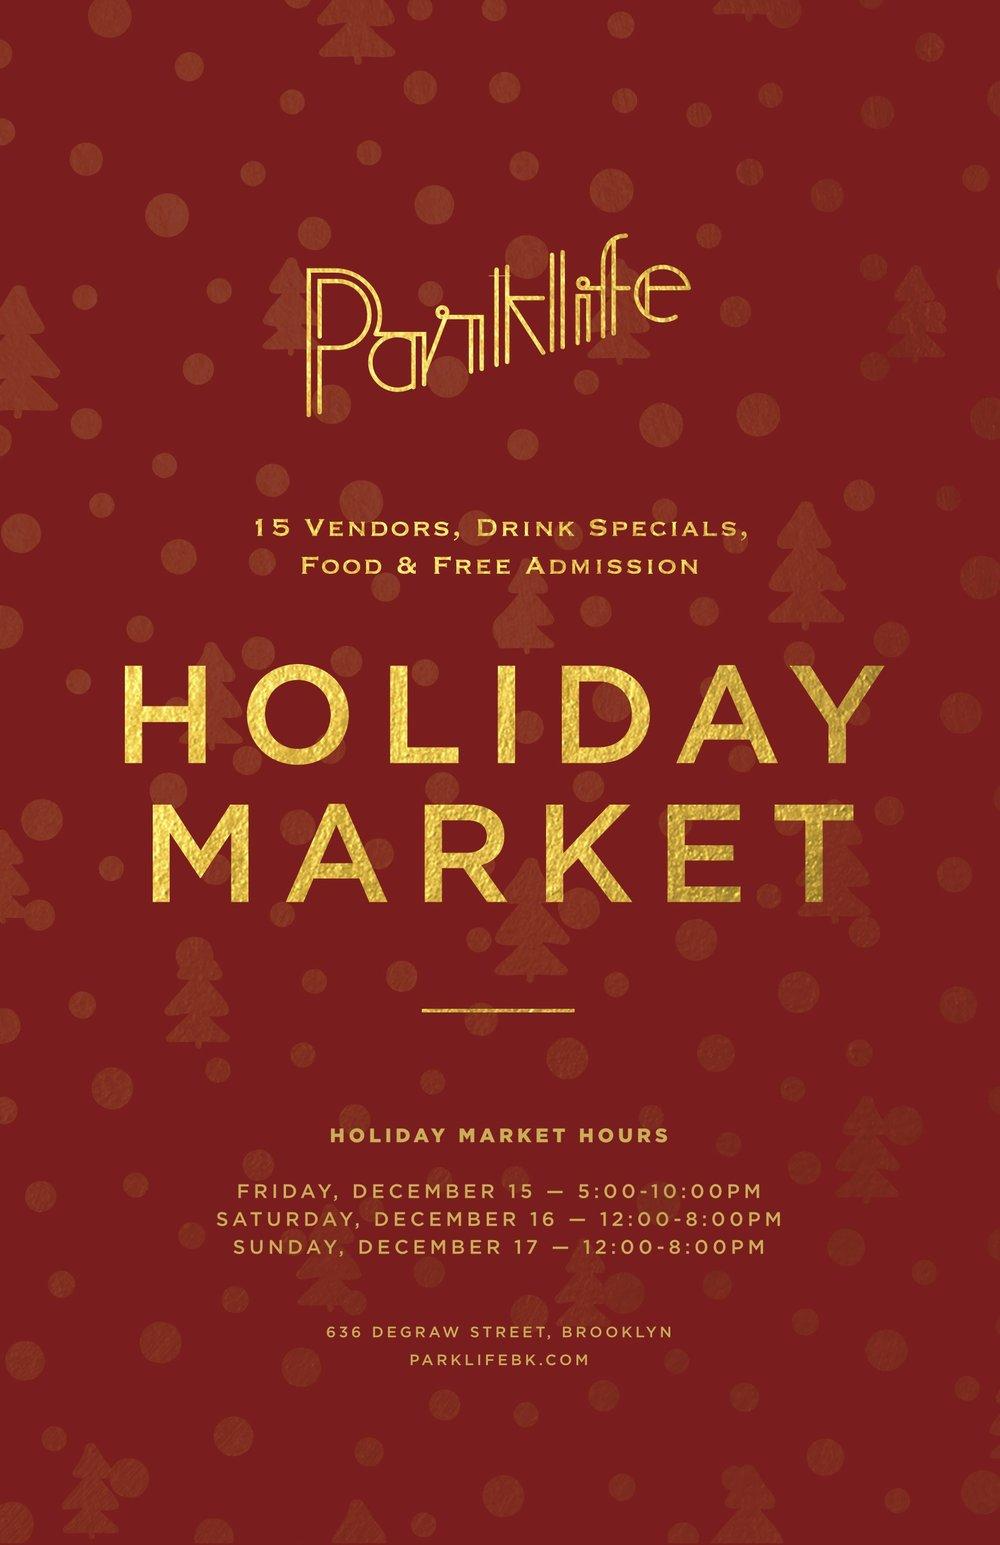 Parklife_Holiday_Market_Invite_v6d.jpg